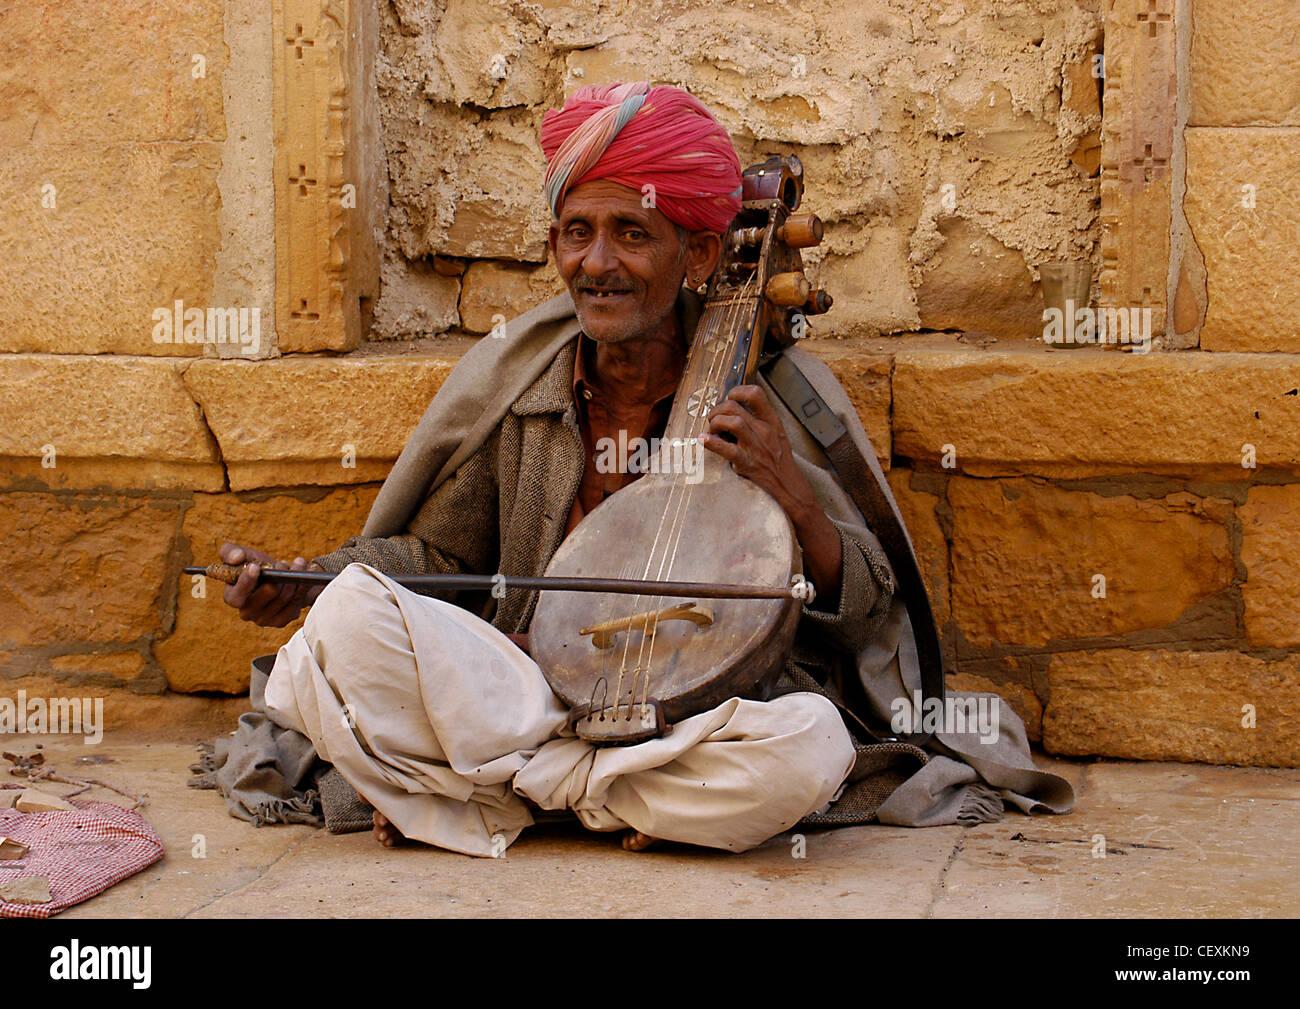 """Senior Rajput uomo musicista di strada gioiosa recitato musica del fatto a mano violino """"ena' divertente Immagini Stock"""